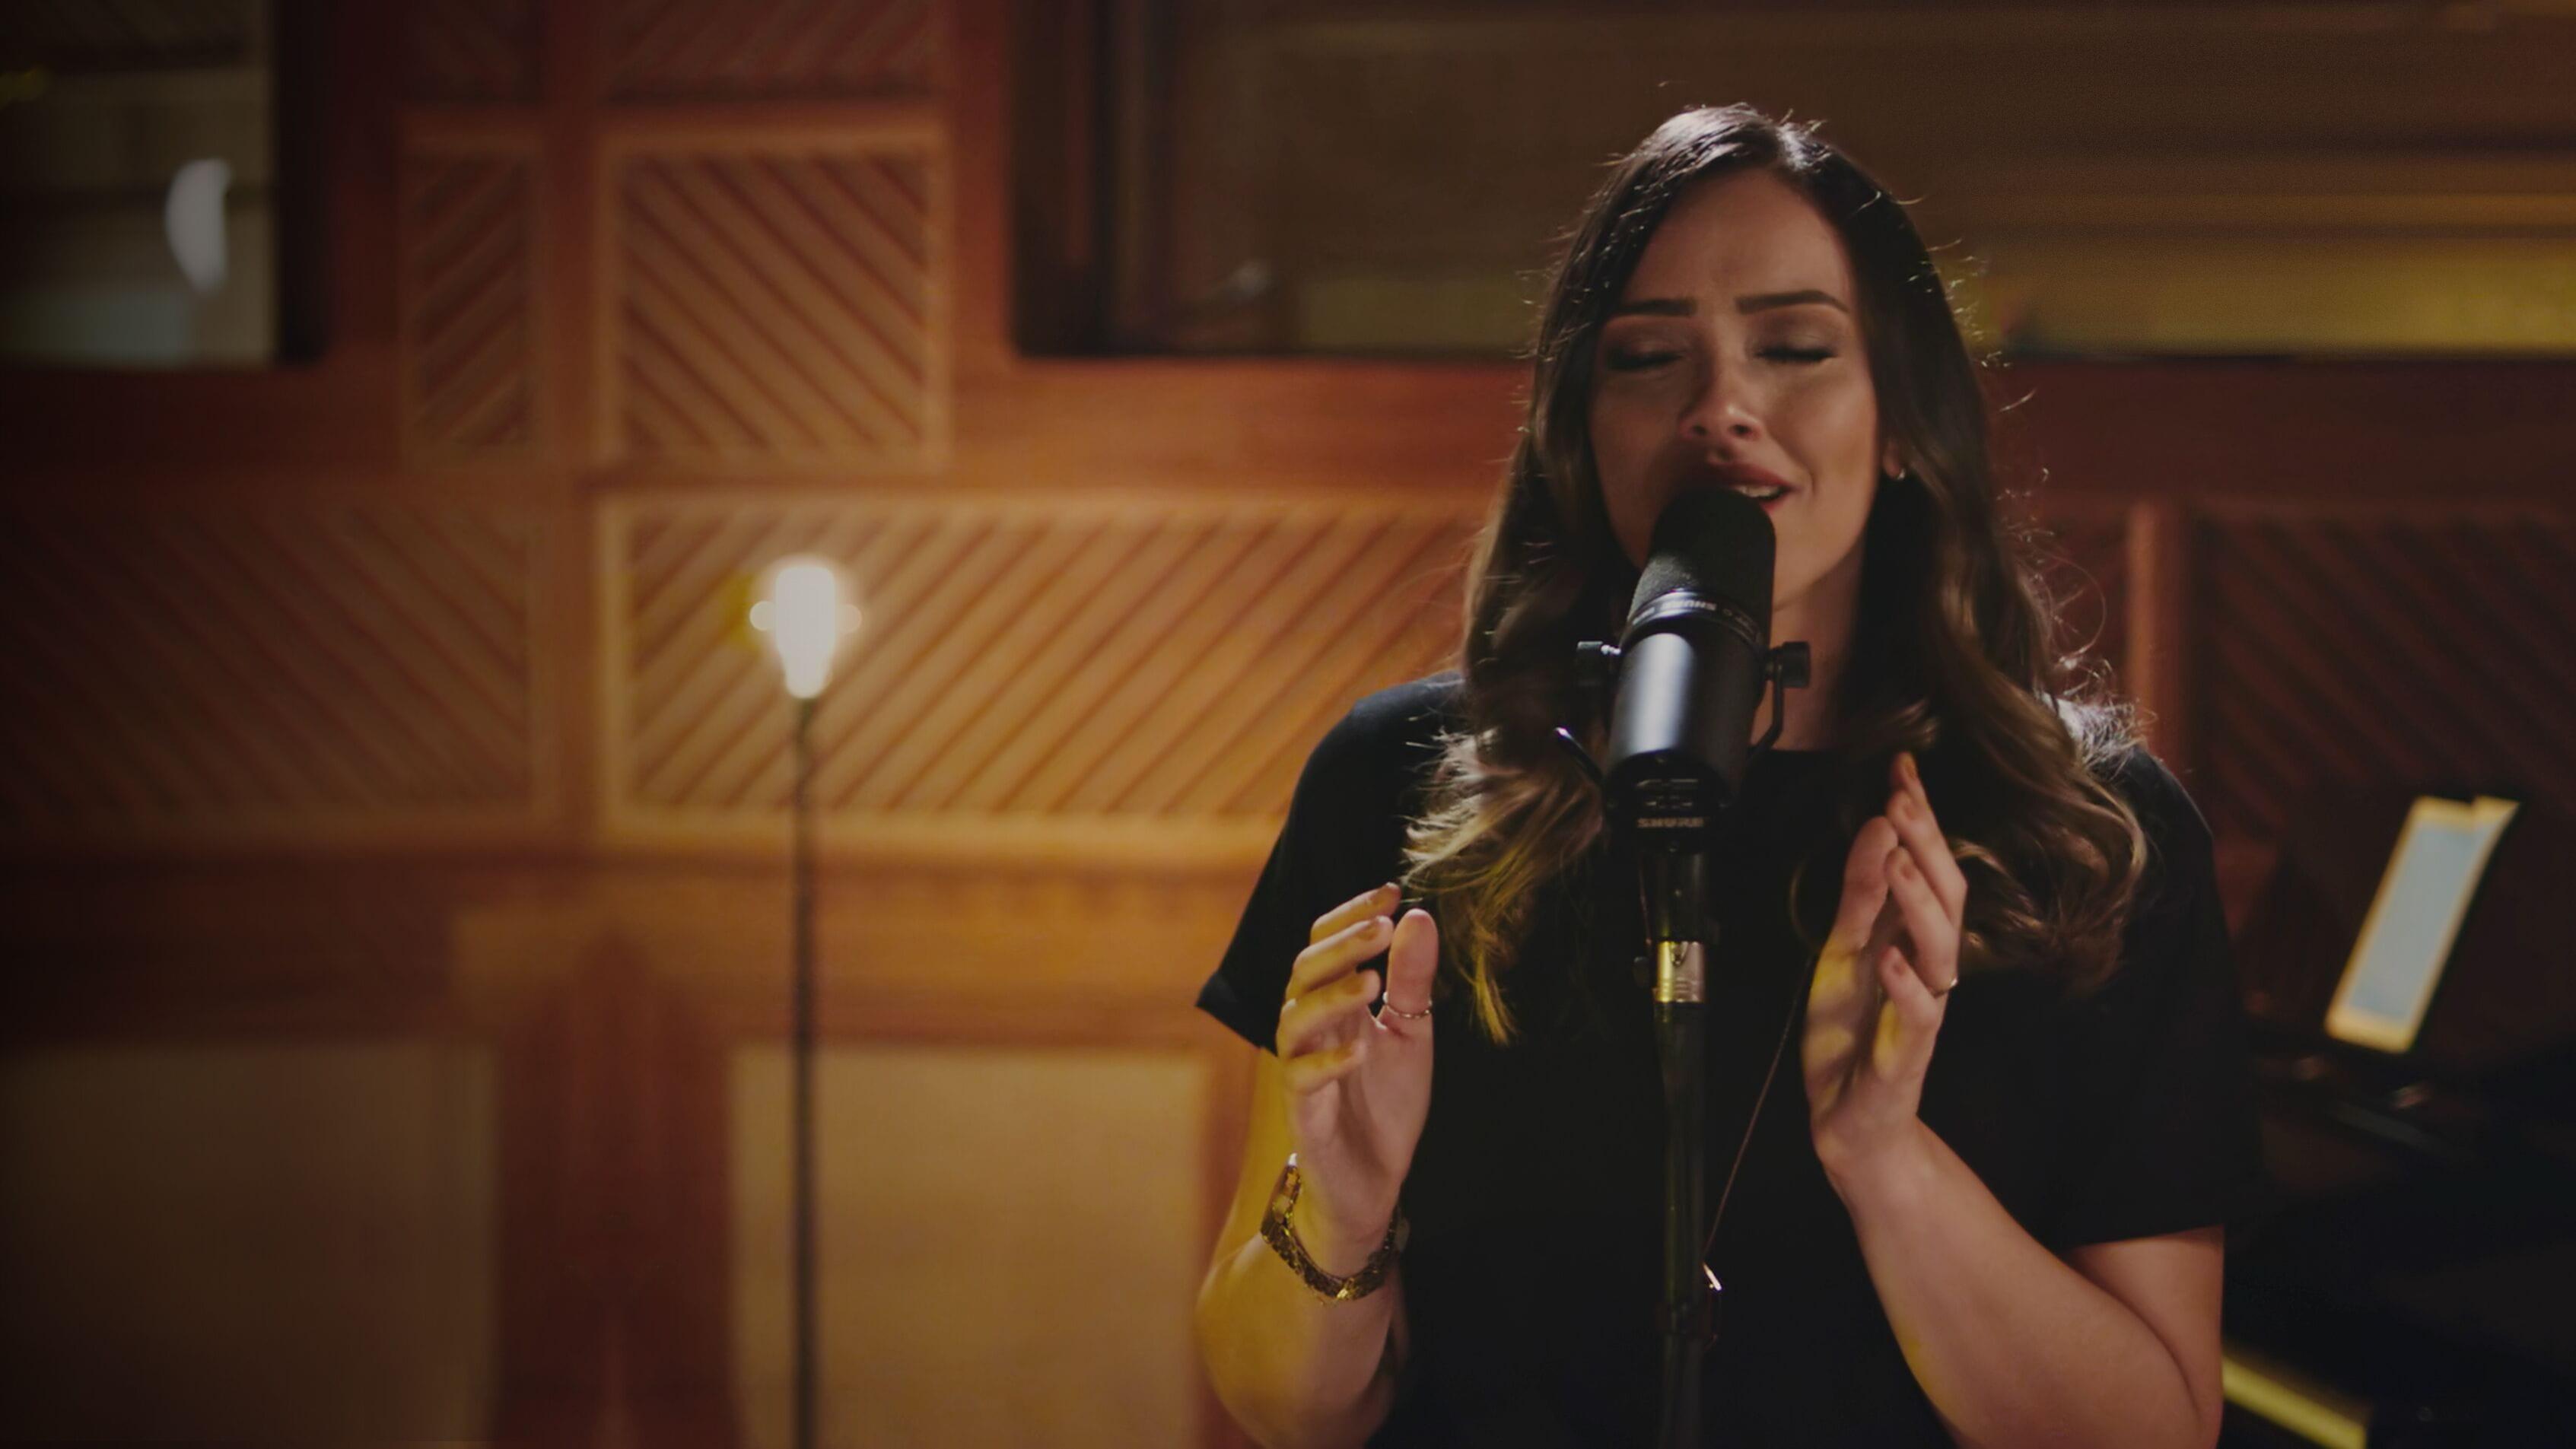 CONFIRA o lançamento da cantora Amanda Rodrigues